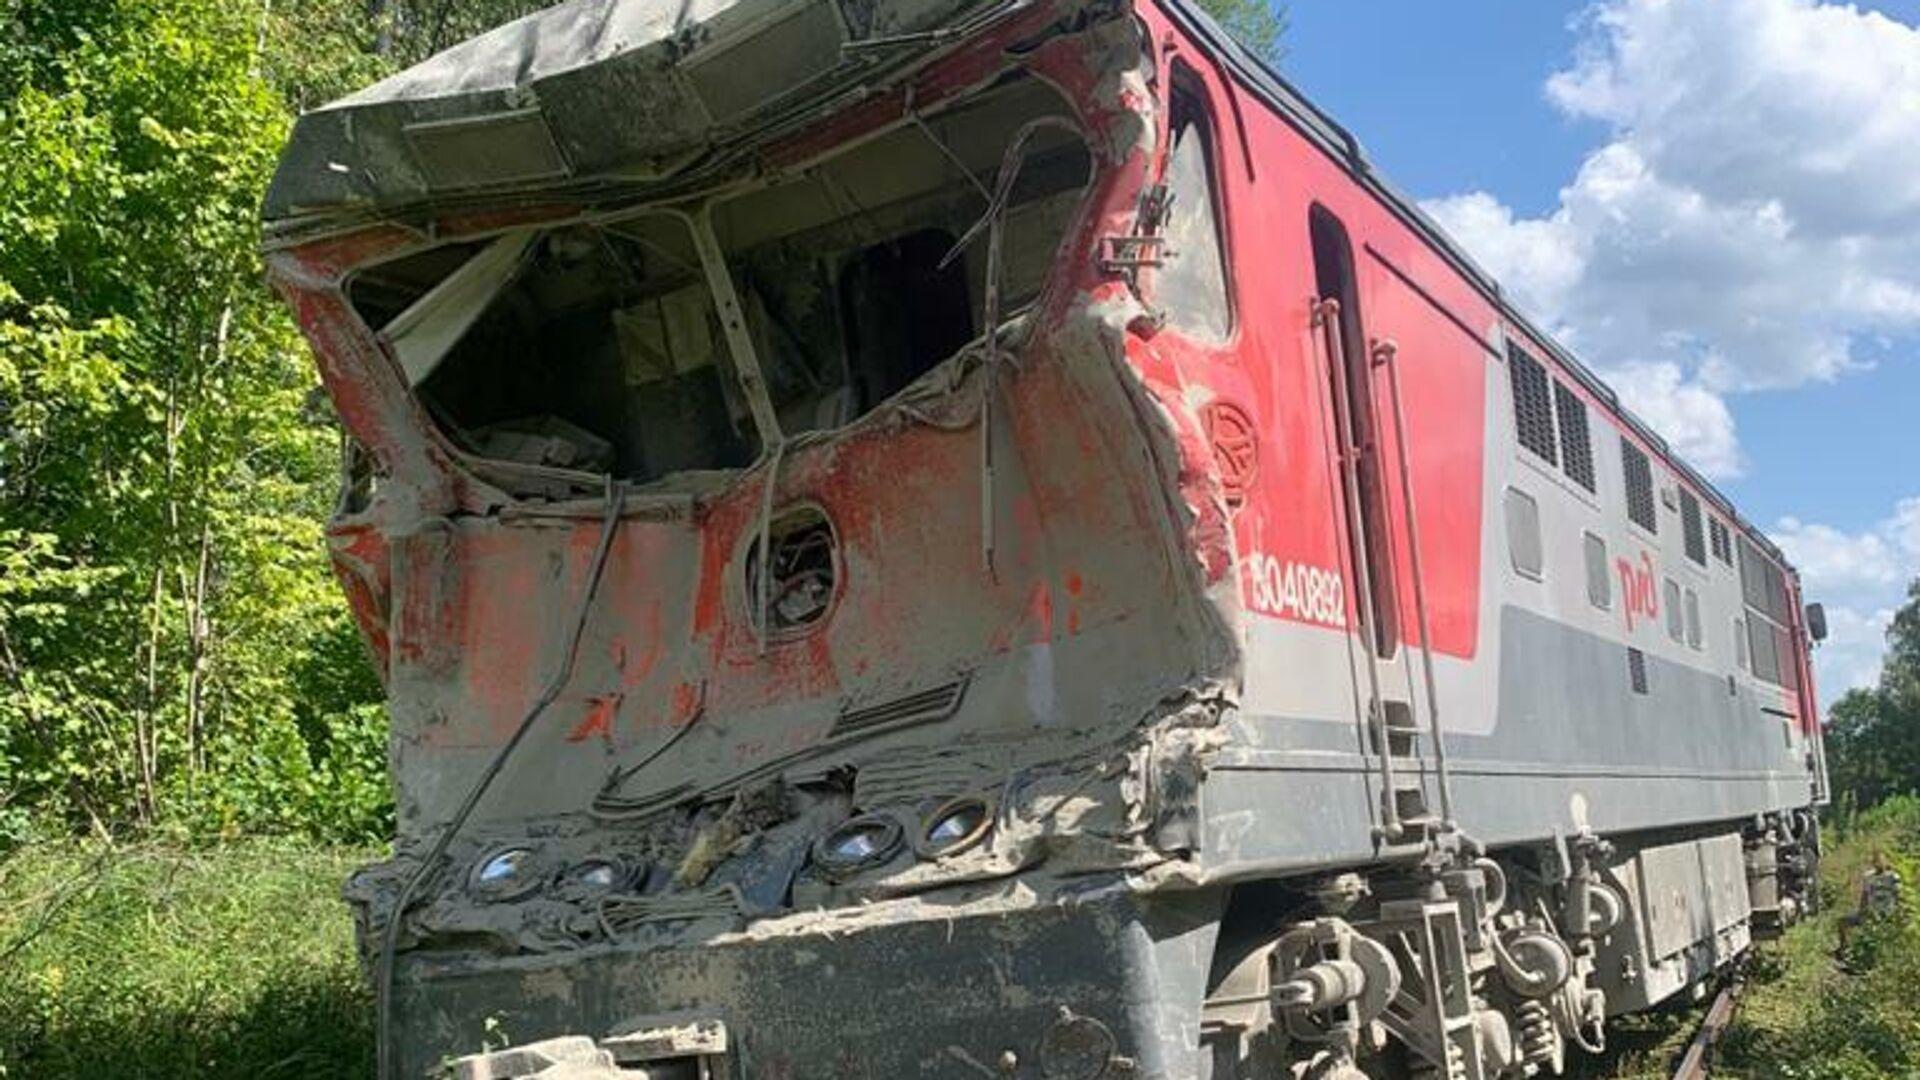 Последствия столкновения грузового автомобиля и пассажирского поезда в Калужской области - РИА Новости, 1920, 31.07.2021